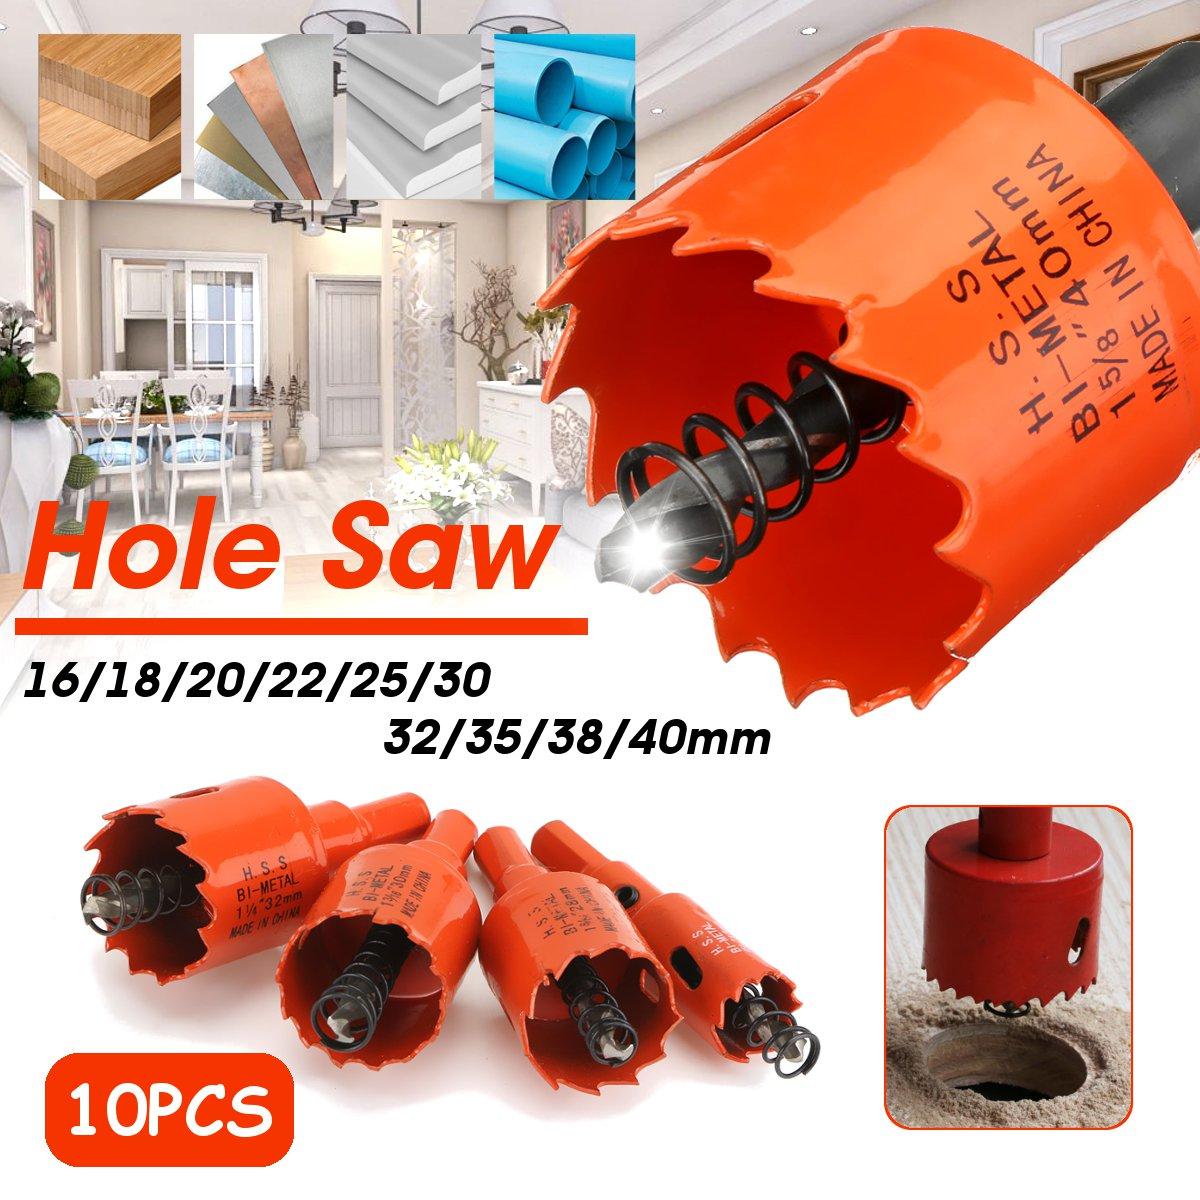 16-200 мм HSS двухметаллическая пила для дерева зуб резец сверло для деревообработки DIY набор сверл для резьбы по дереву ПВХ пластик